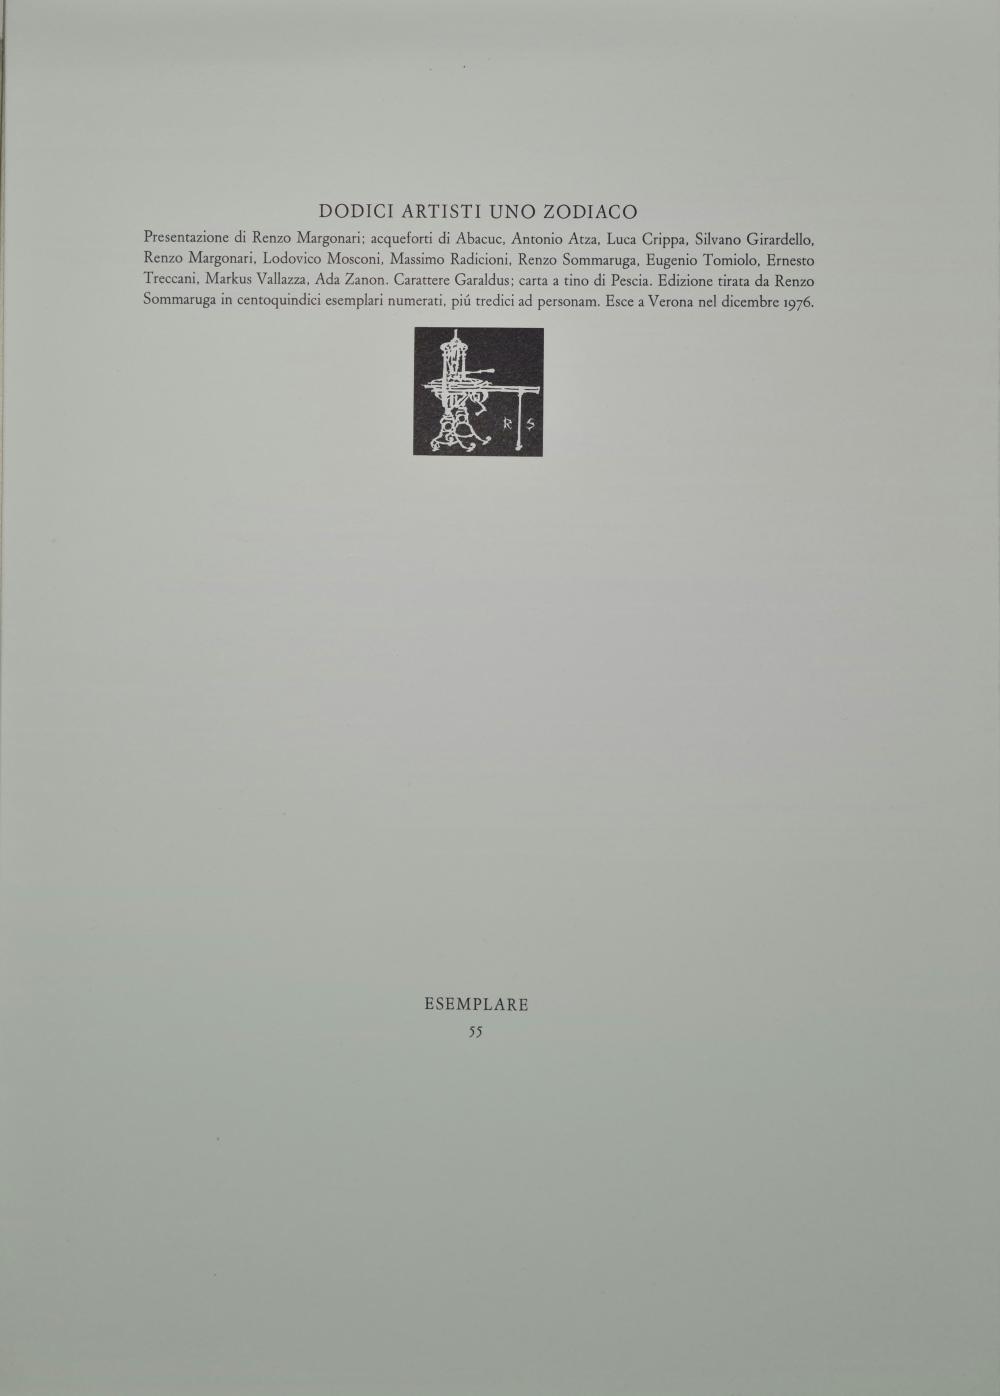 Autori vari - Dodici artisti uno Zodiaco, 1976